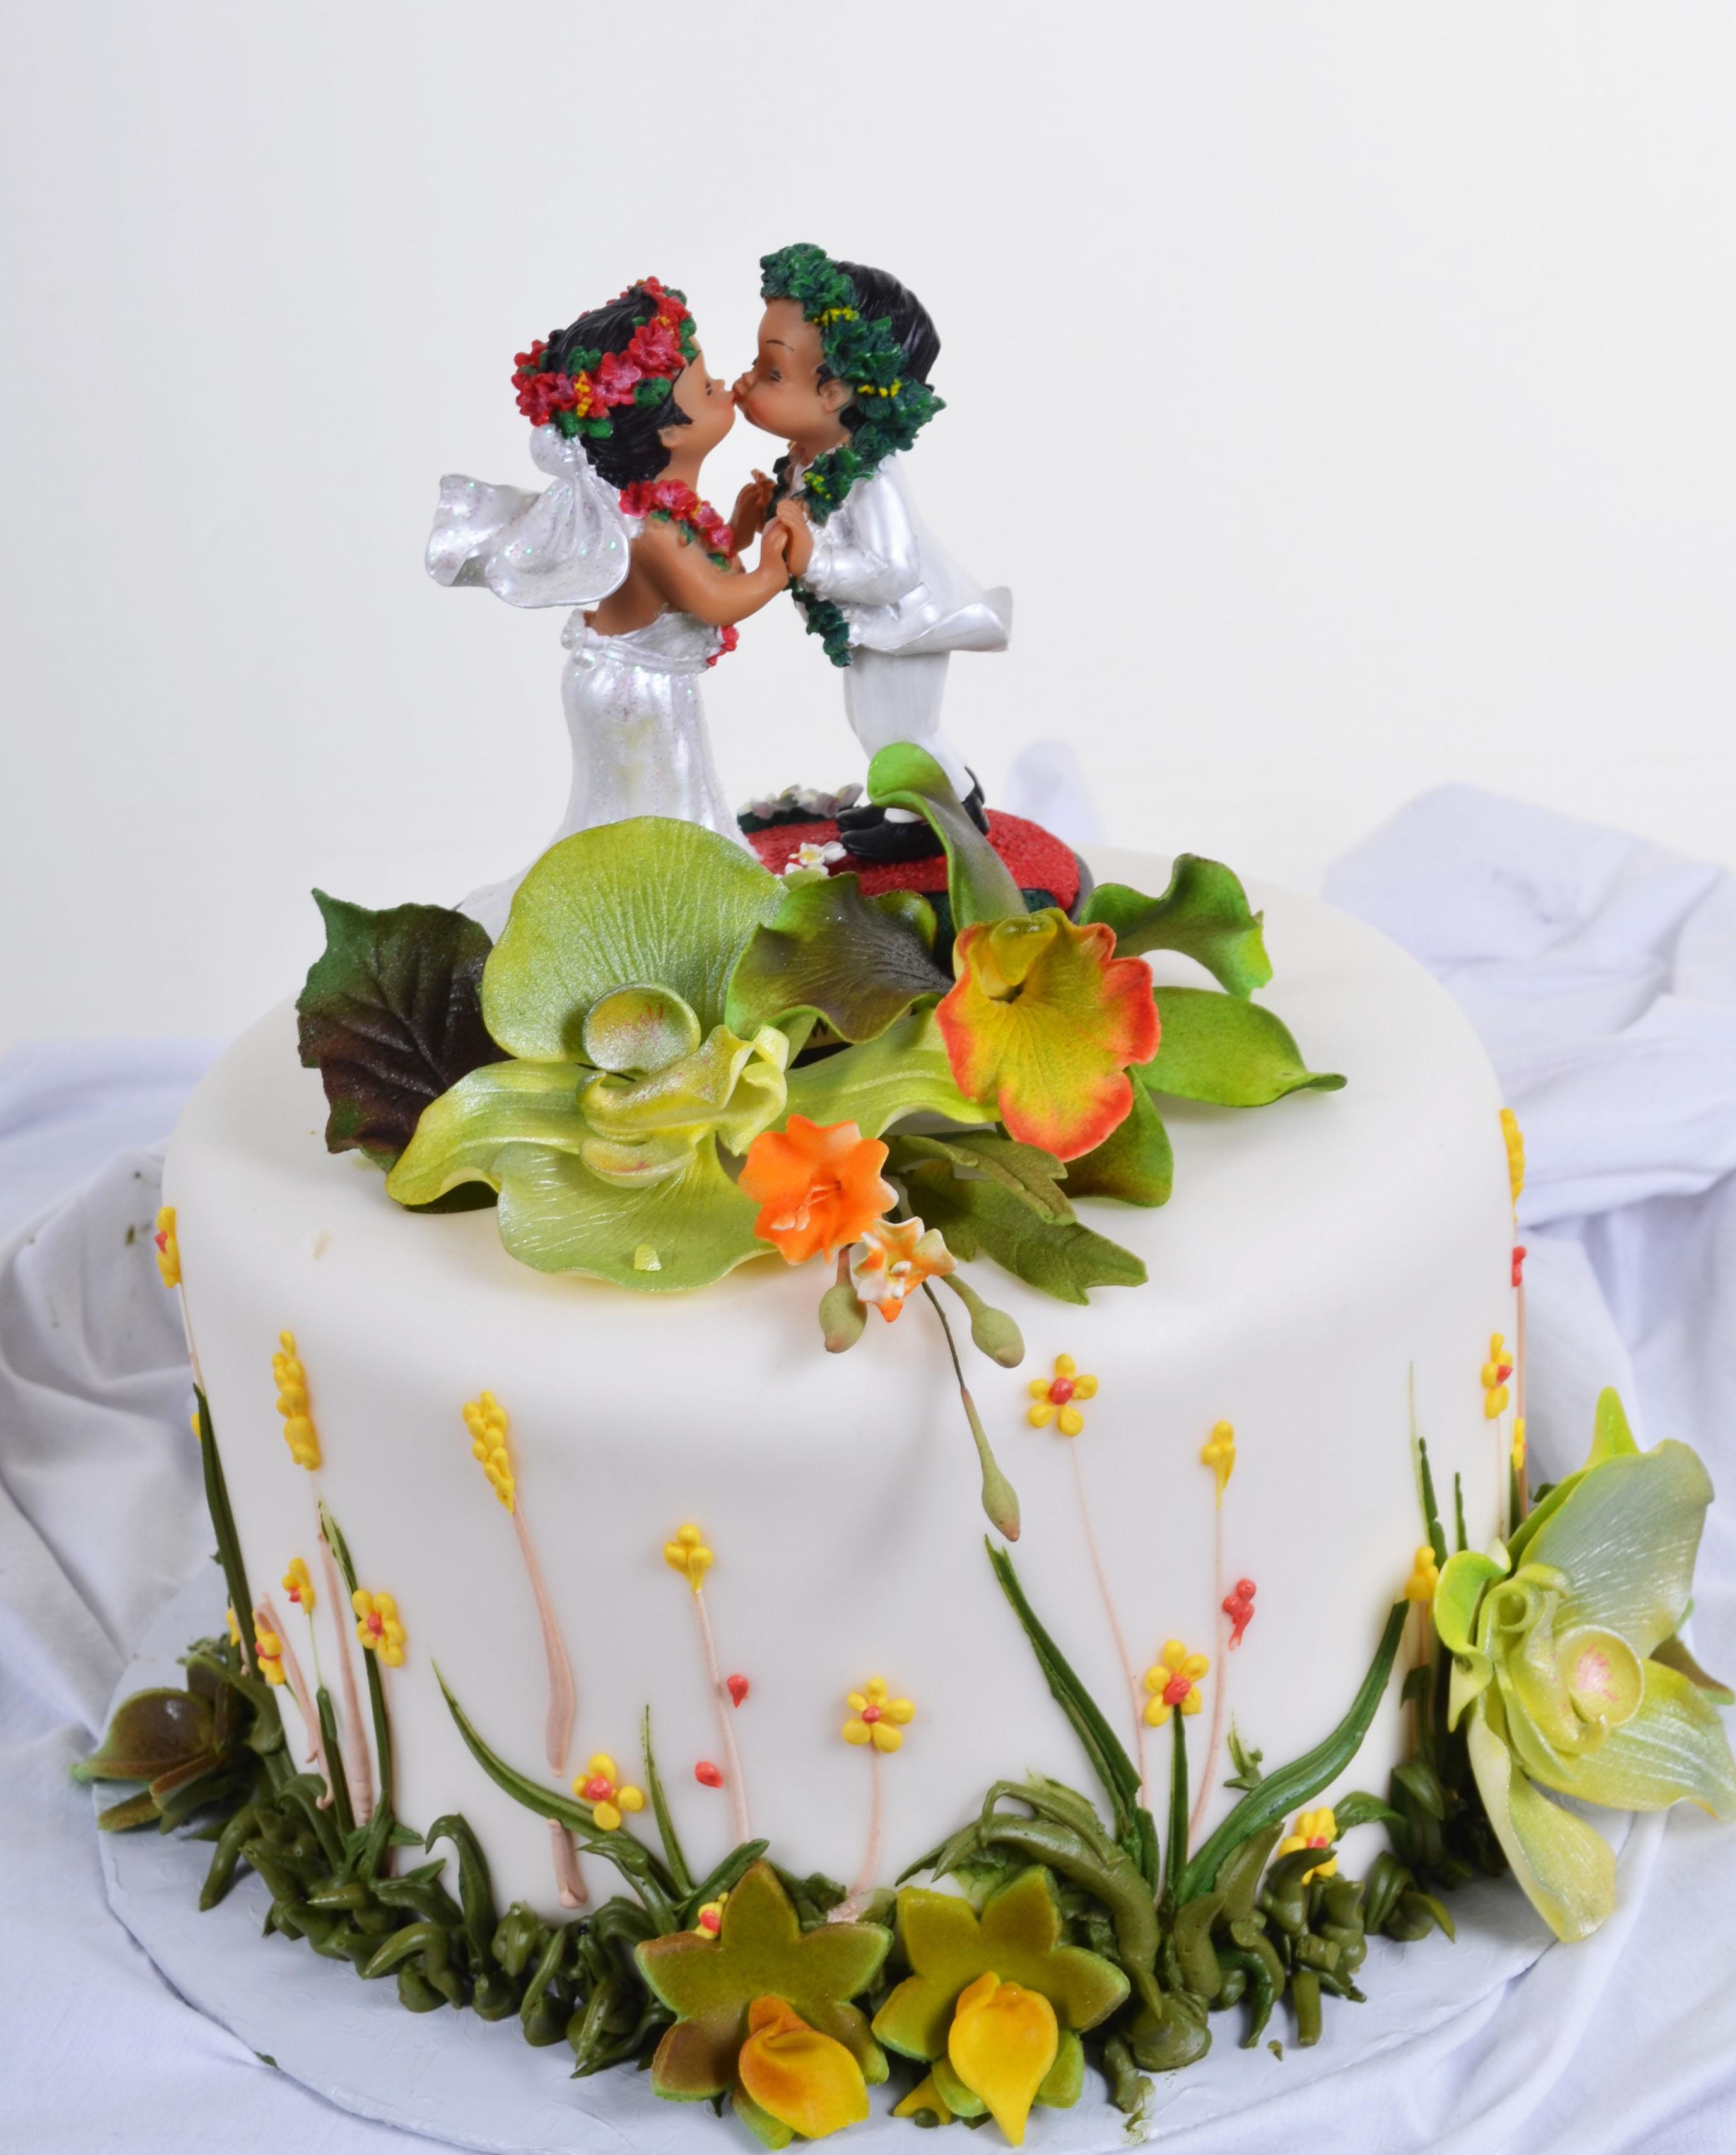 Pastry Palace Las Vegas - Wedding Cake #580 - Hawaiian Greens